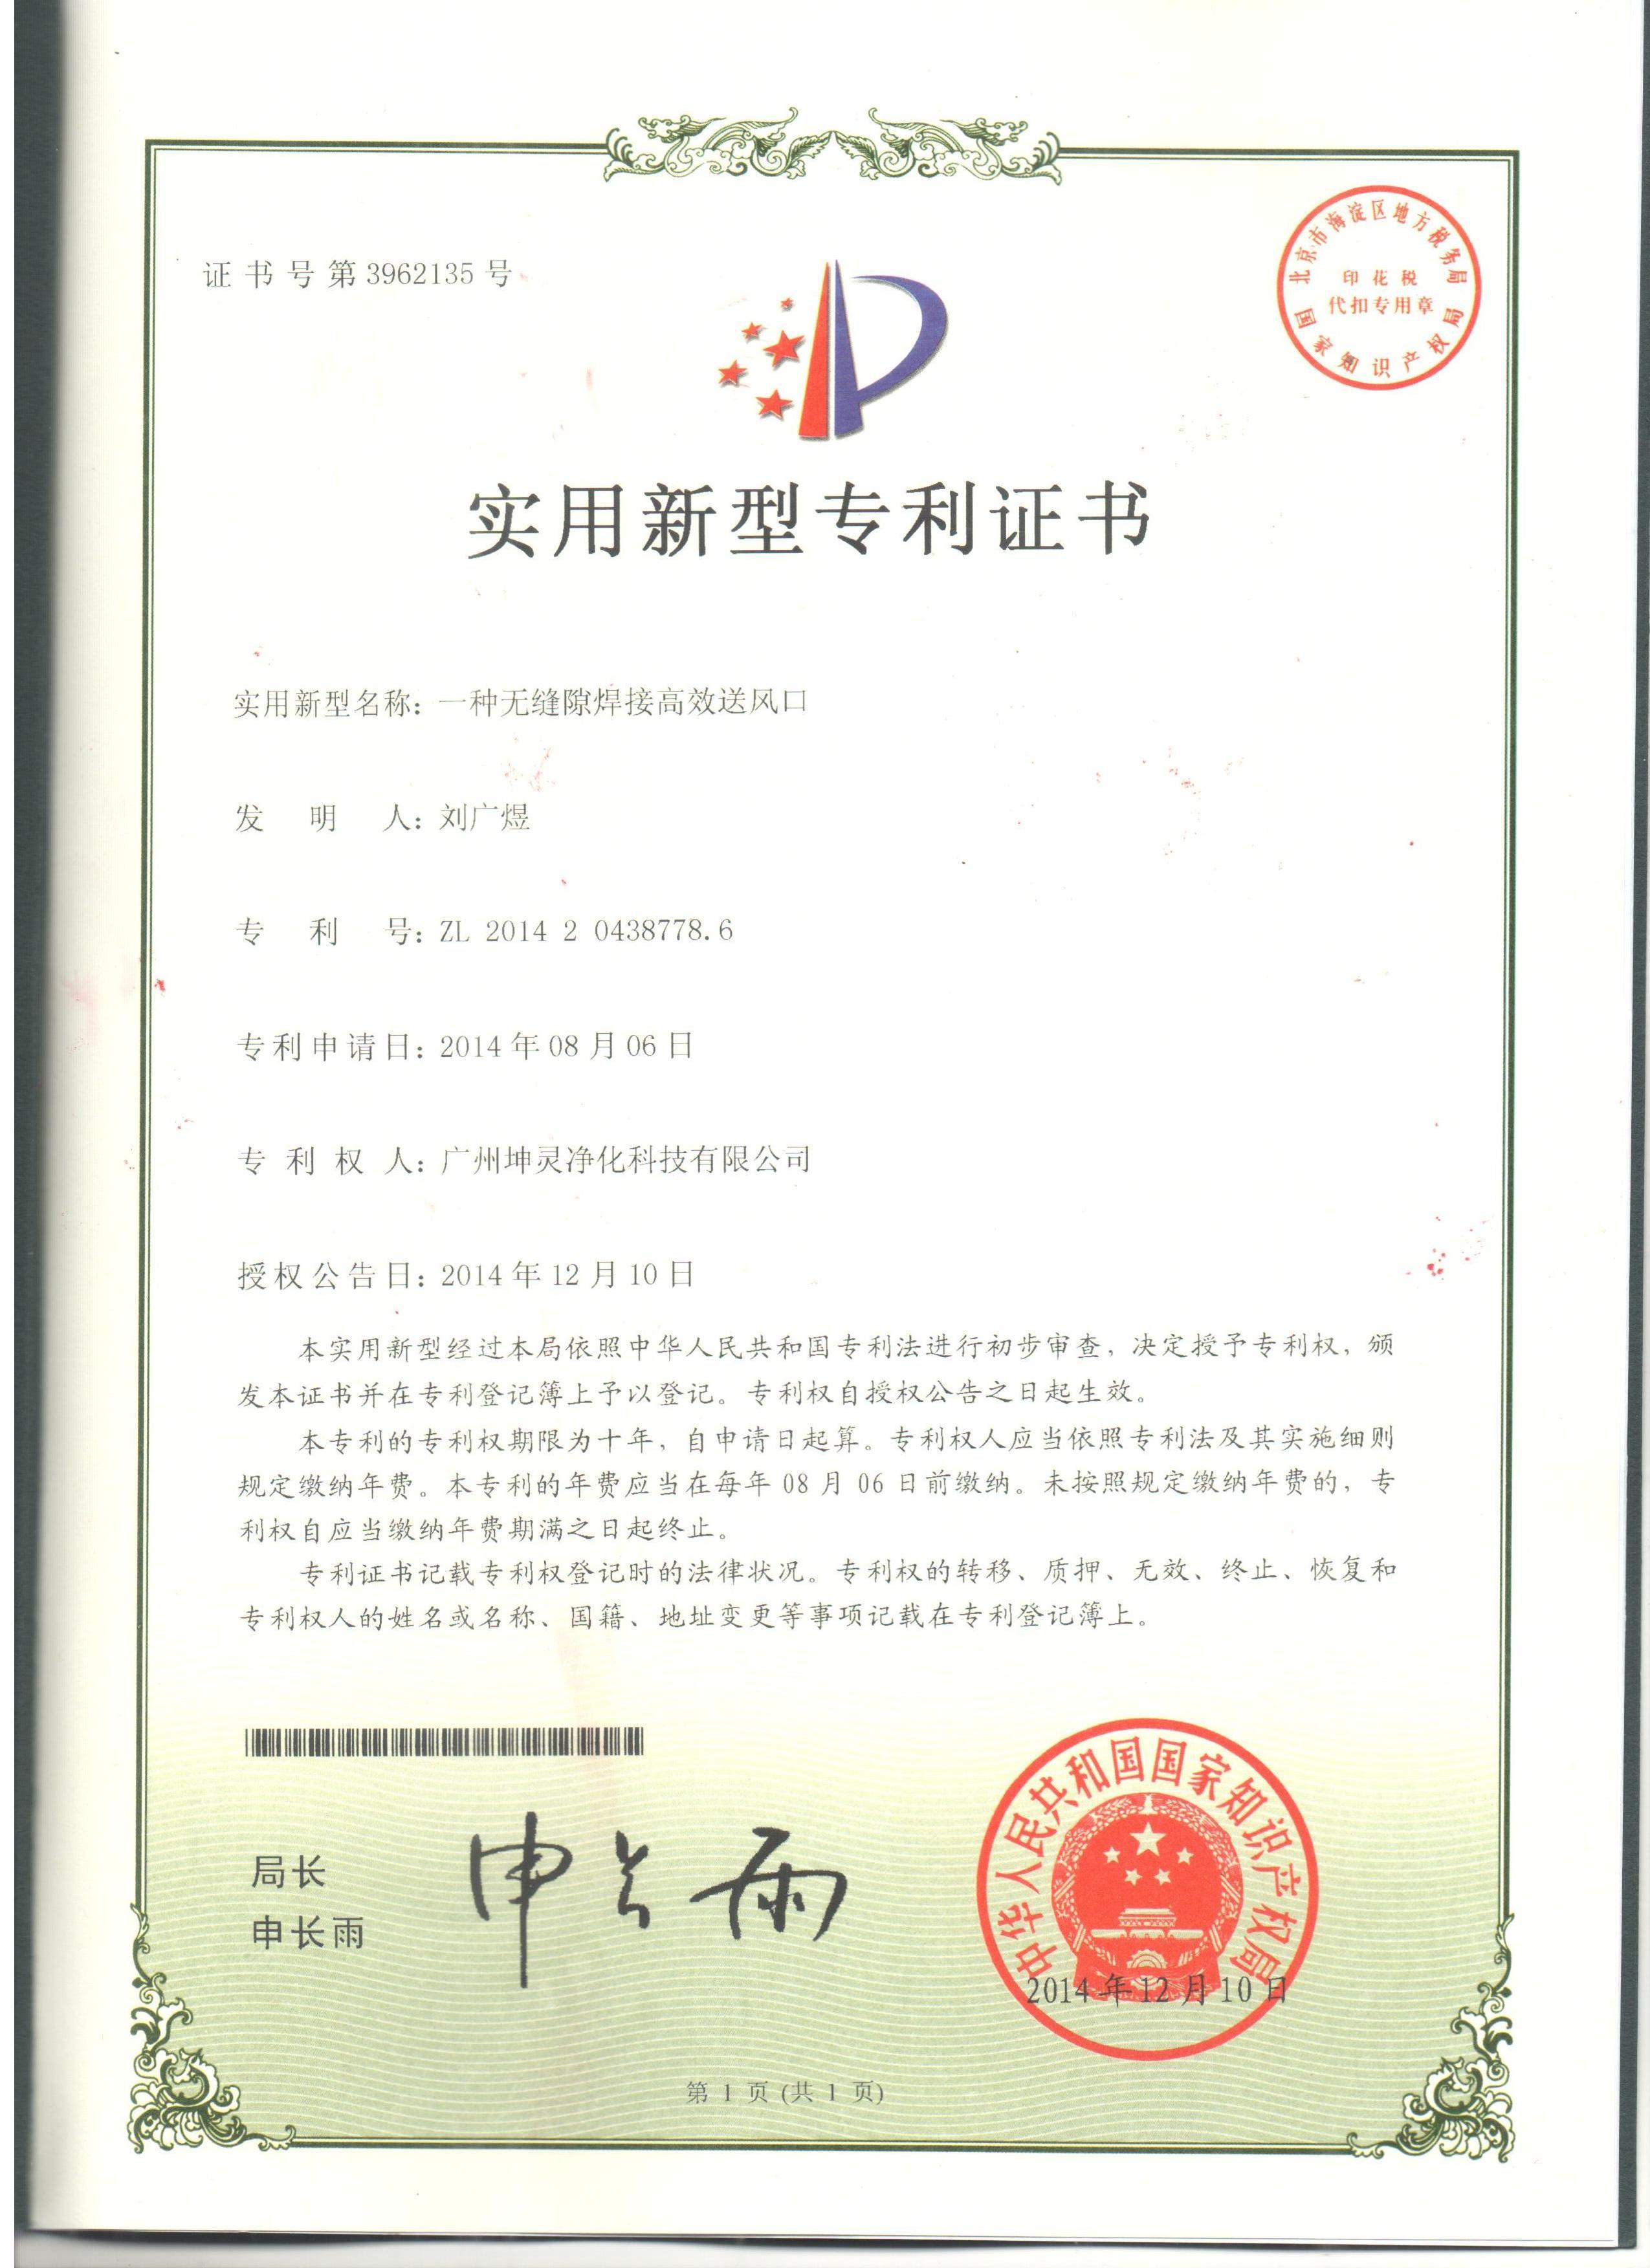 无缝隙焊接高效送风口专利 证书